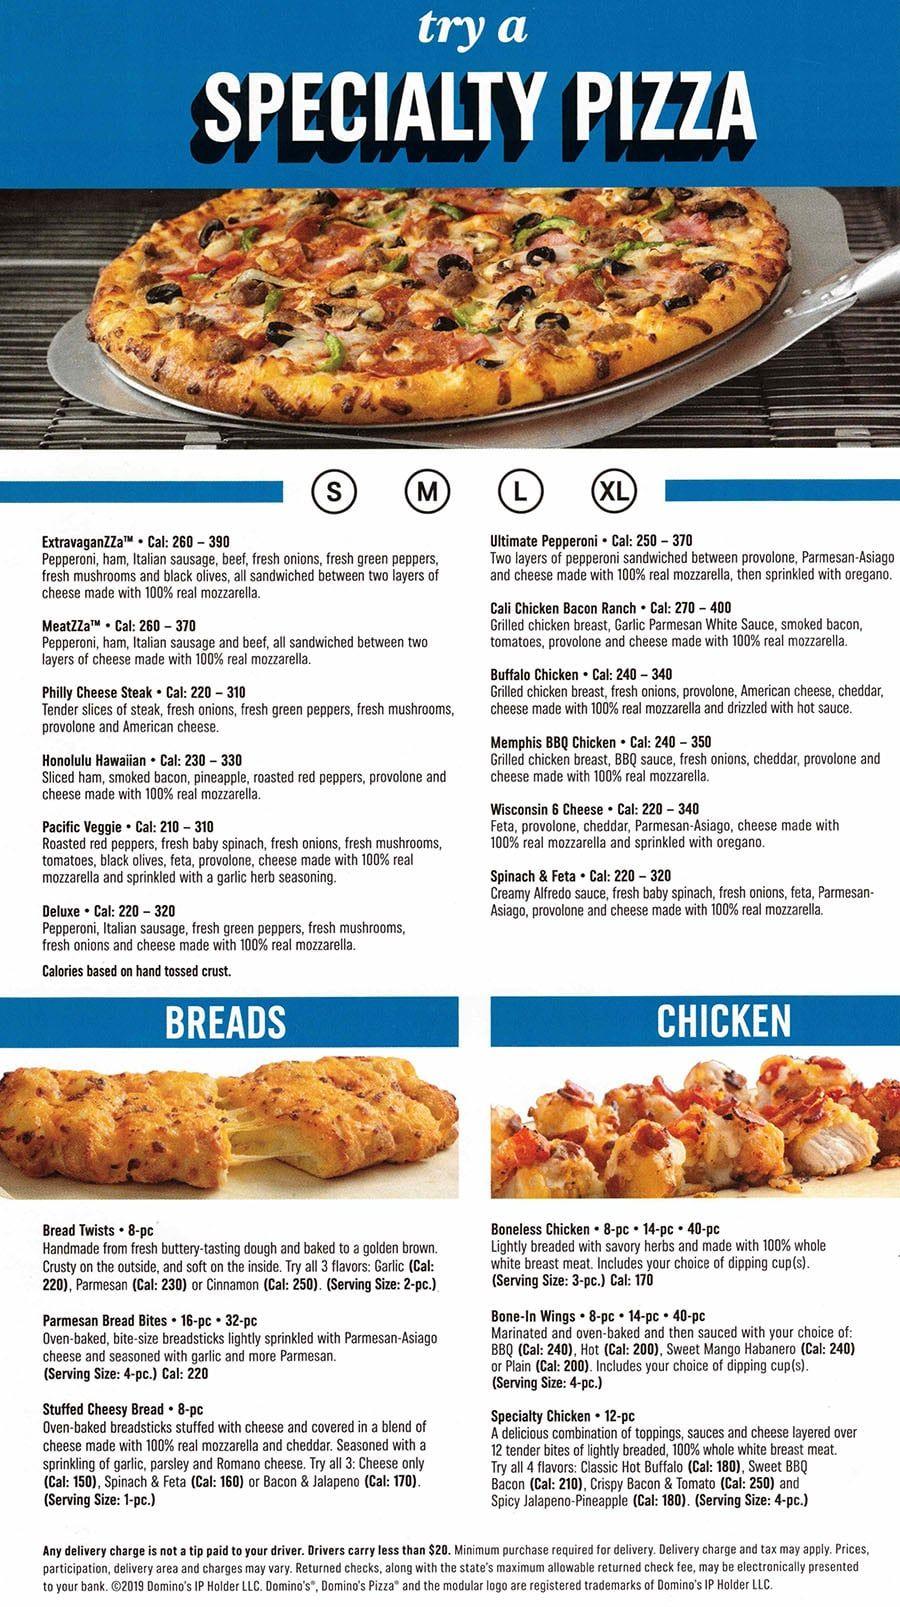 Domino S Pizza Menu Slc Menu In 2021 Pizza Menu Dominos Pizza Domino S Pizza